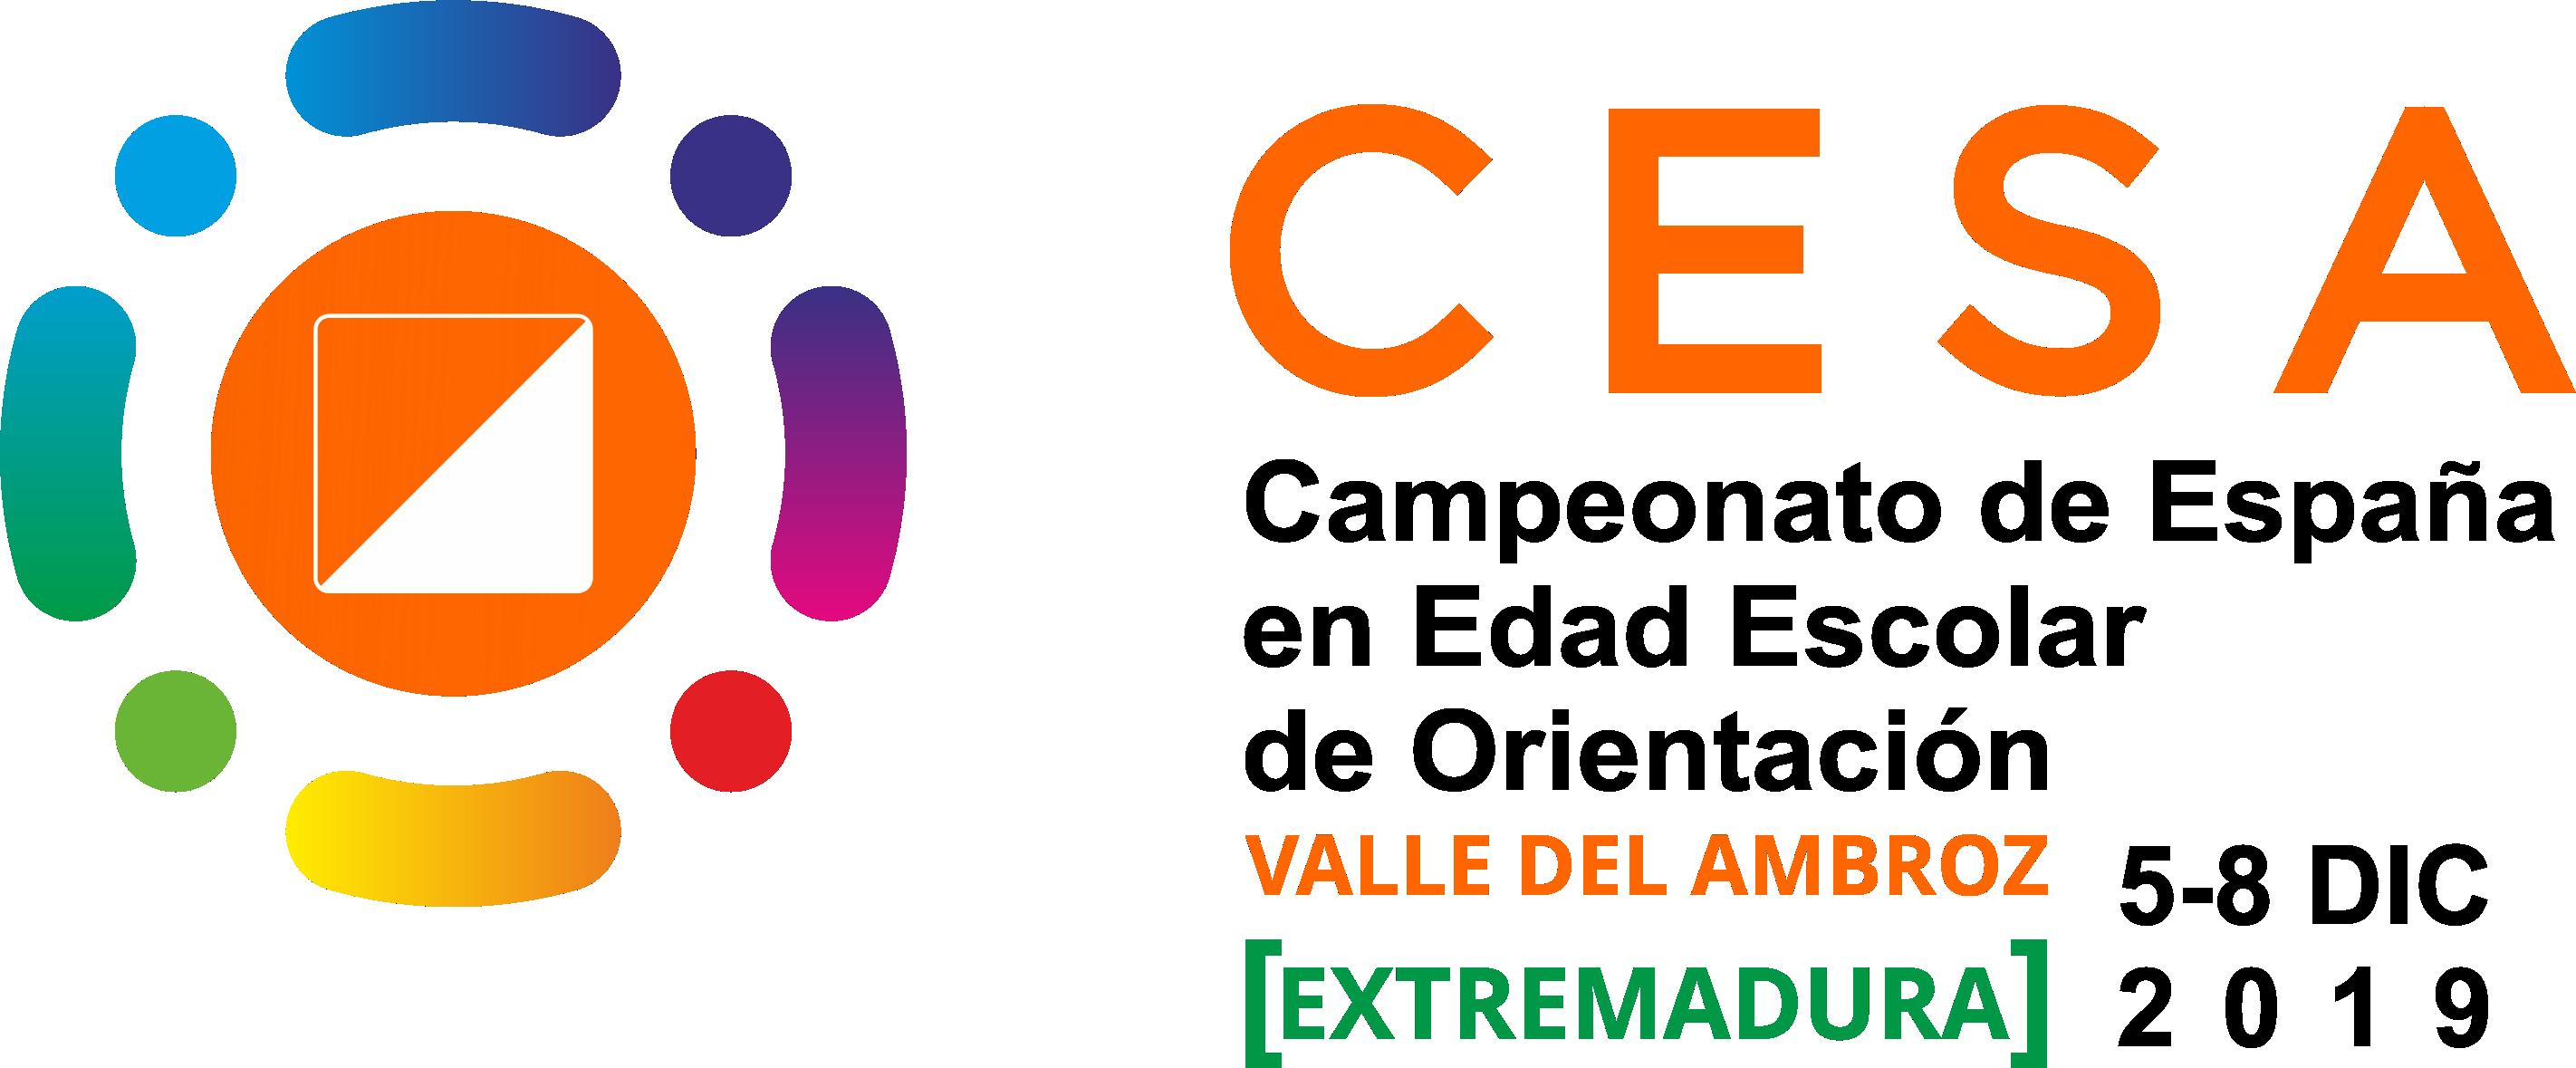 FORMULARIO DE ENVÍO DE INSCRIPCIONES